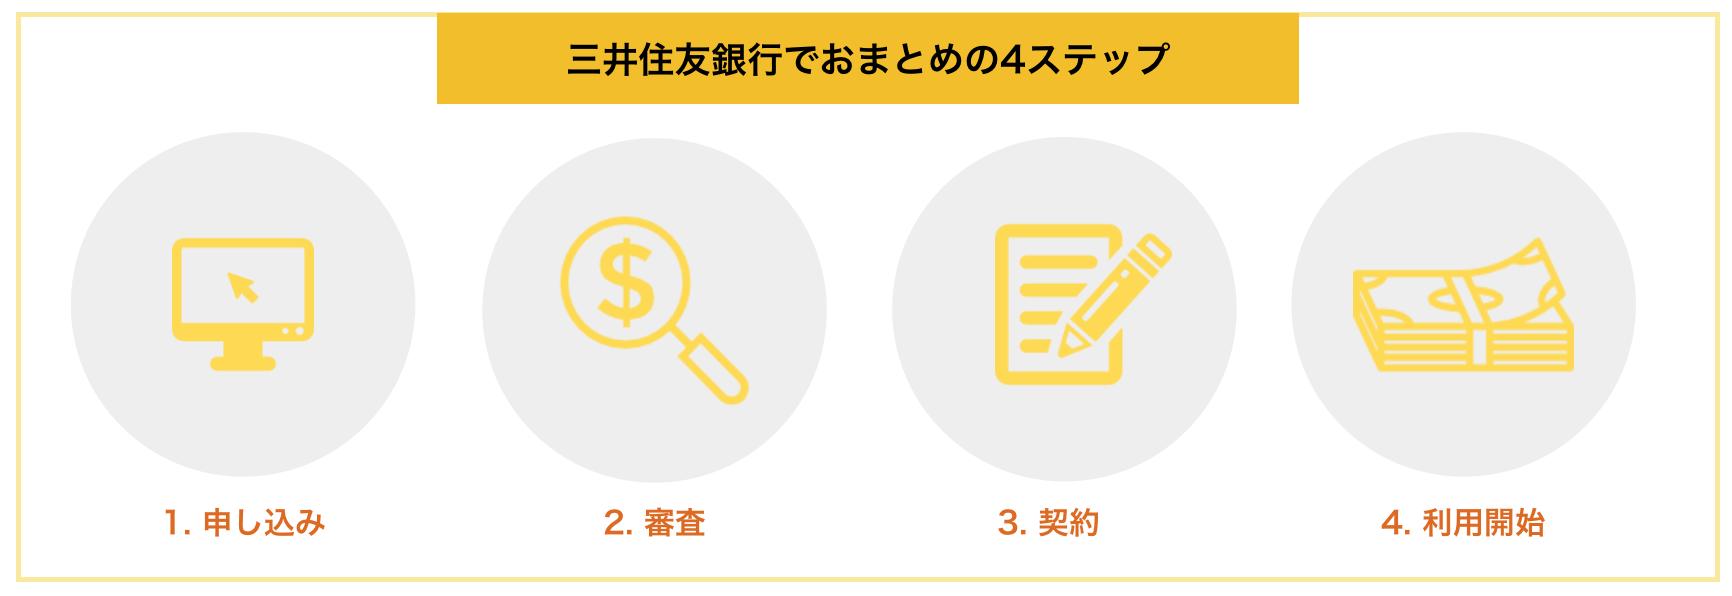 三井住友銀行おまとめの4つのステップ